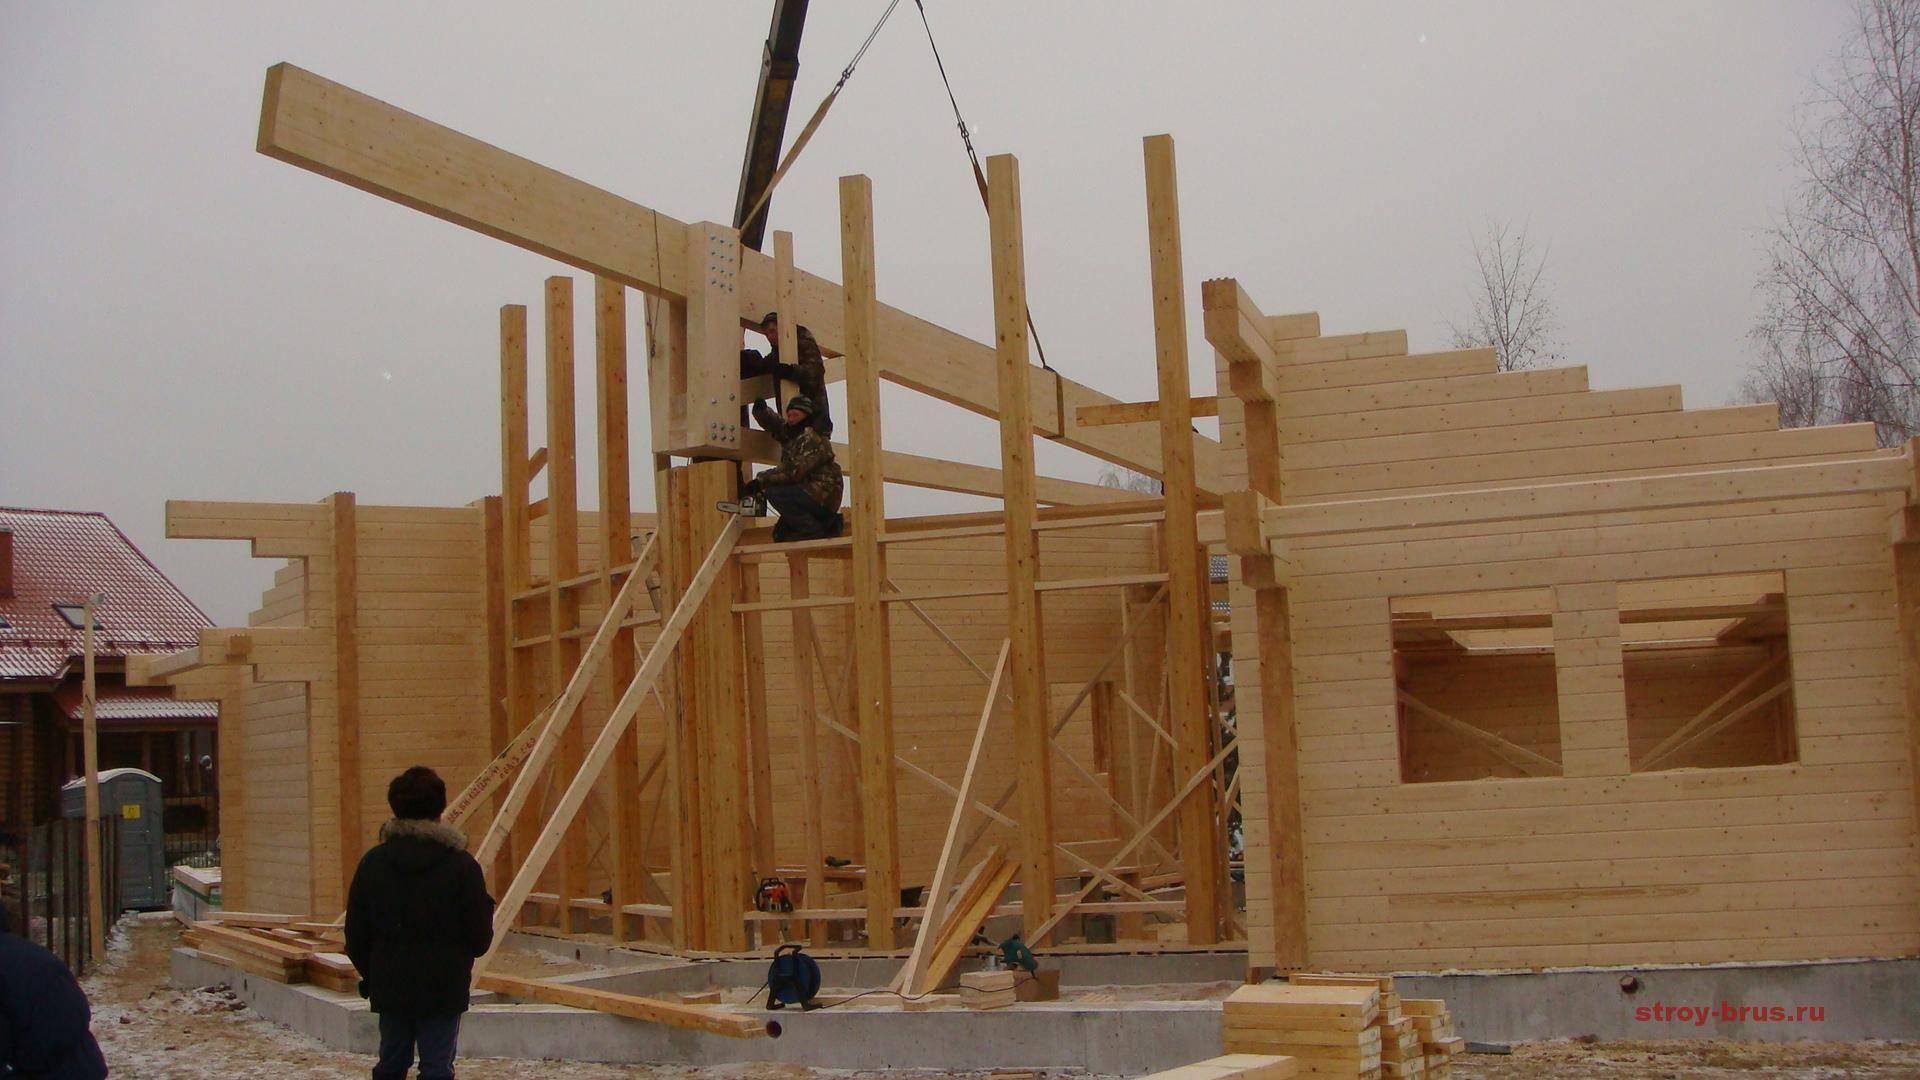 ????сравнение бруса и клеенного бруса - из чего лучше строить дом - блог о строительстве